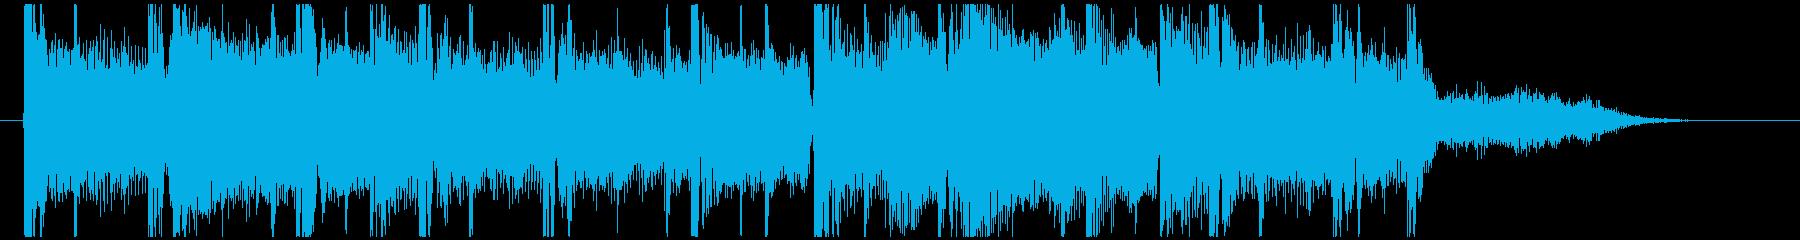 爽やかなドラムンベース系10秒ジングルの再生済みの波形